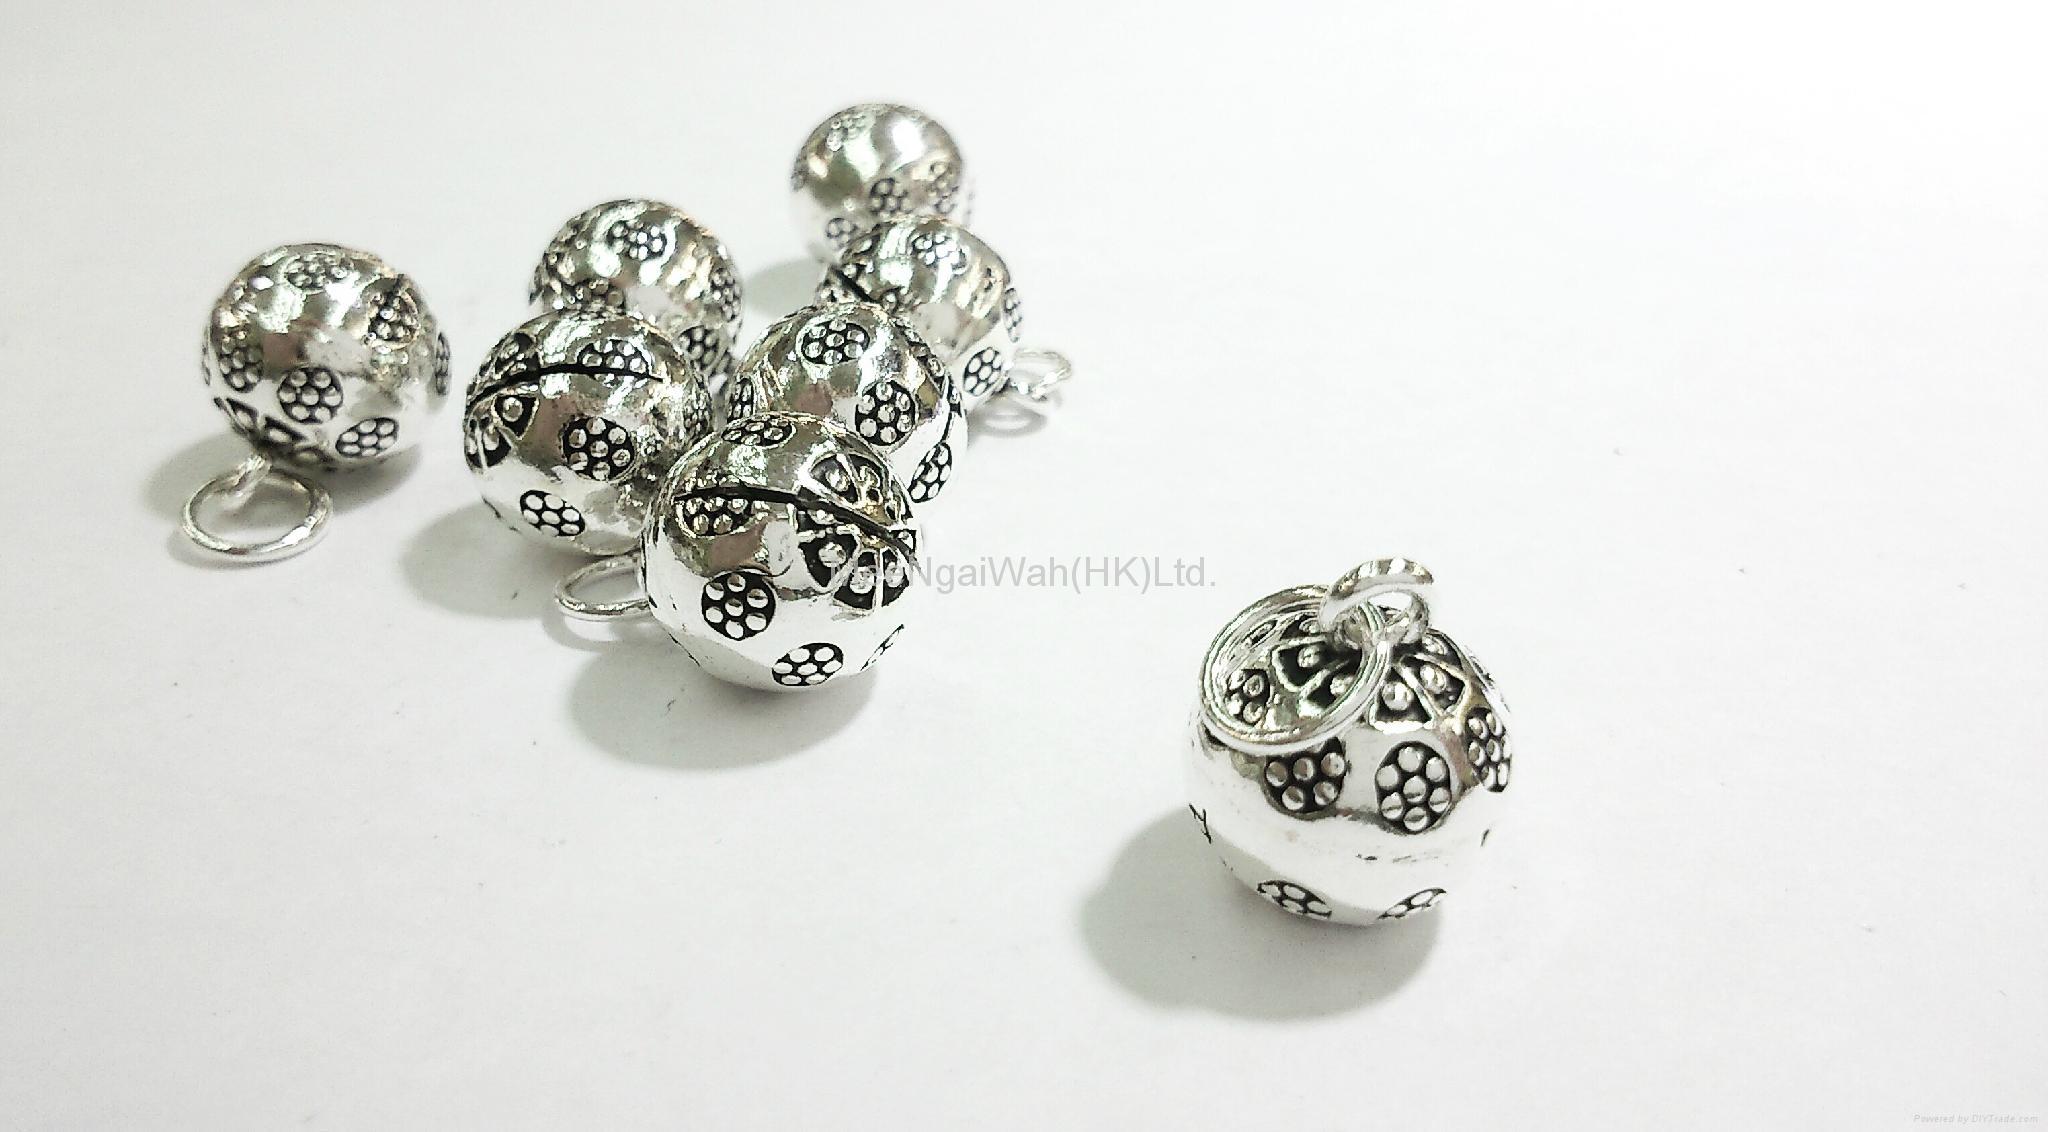 编穿银珠戒指图解365种